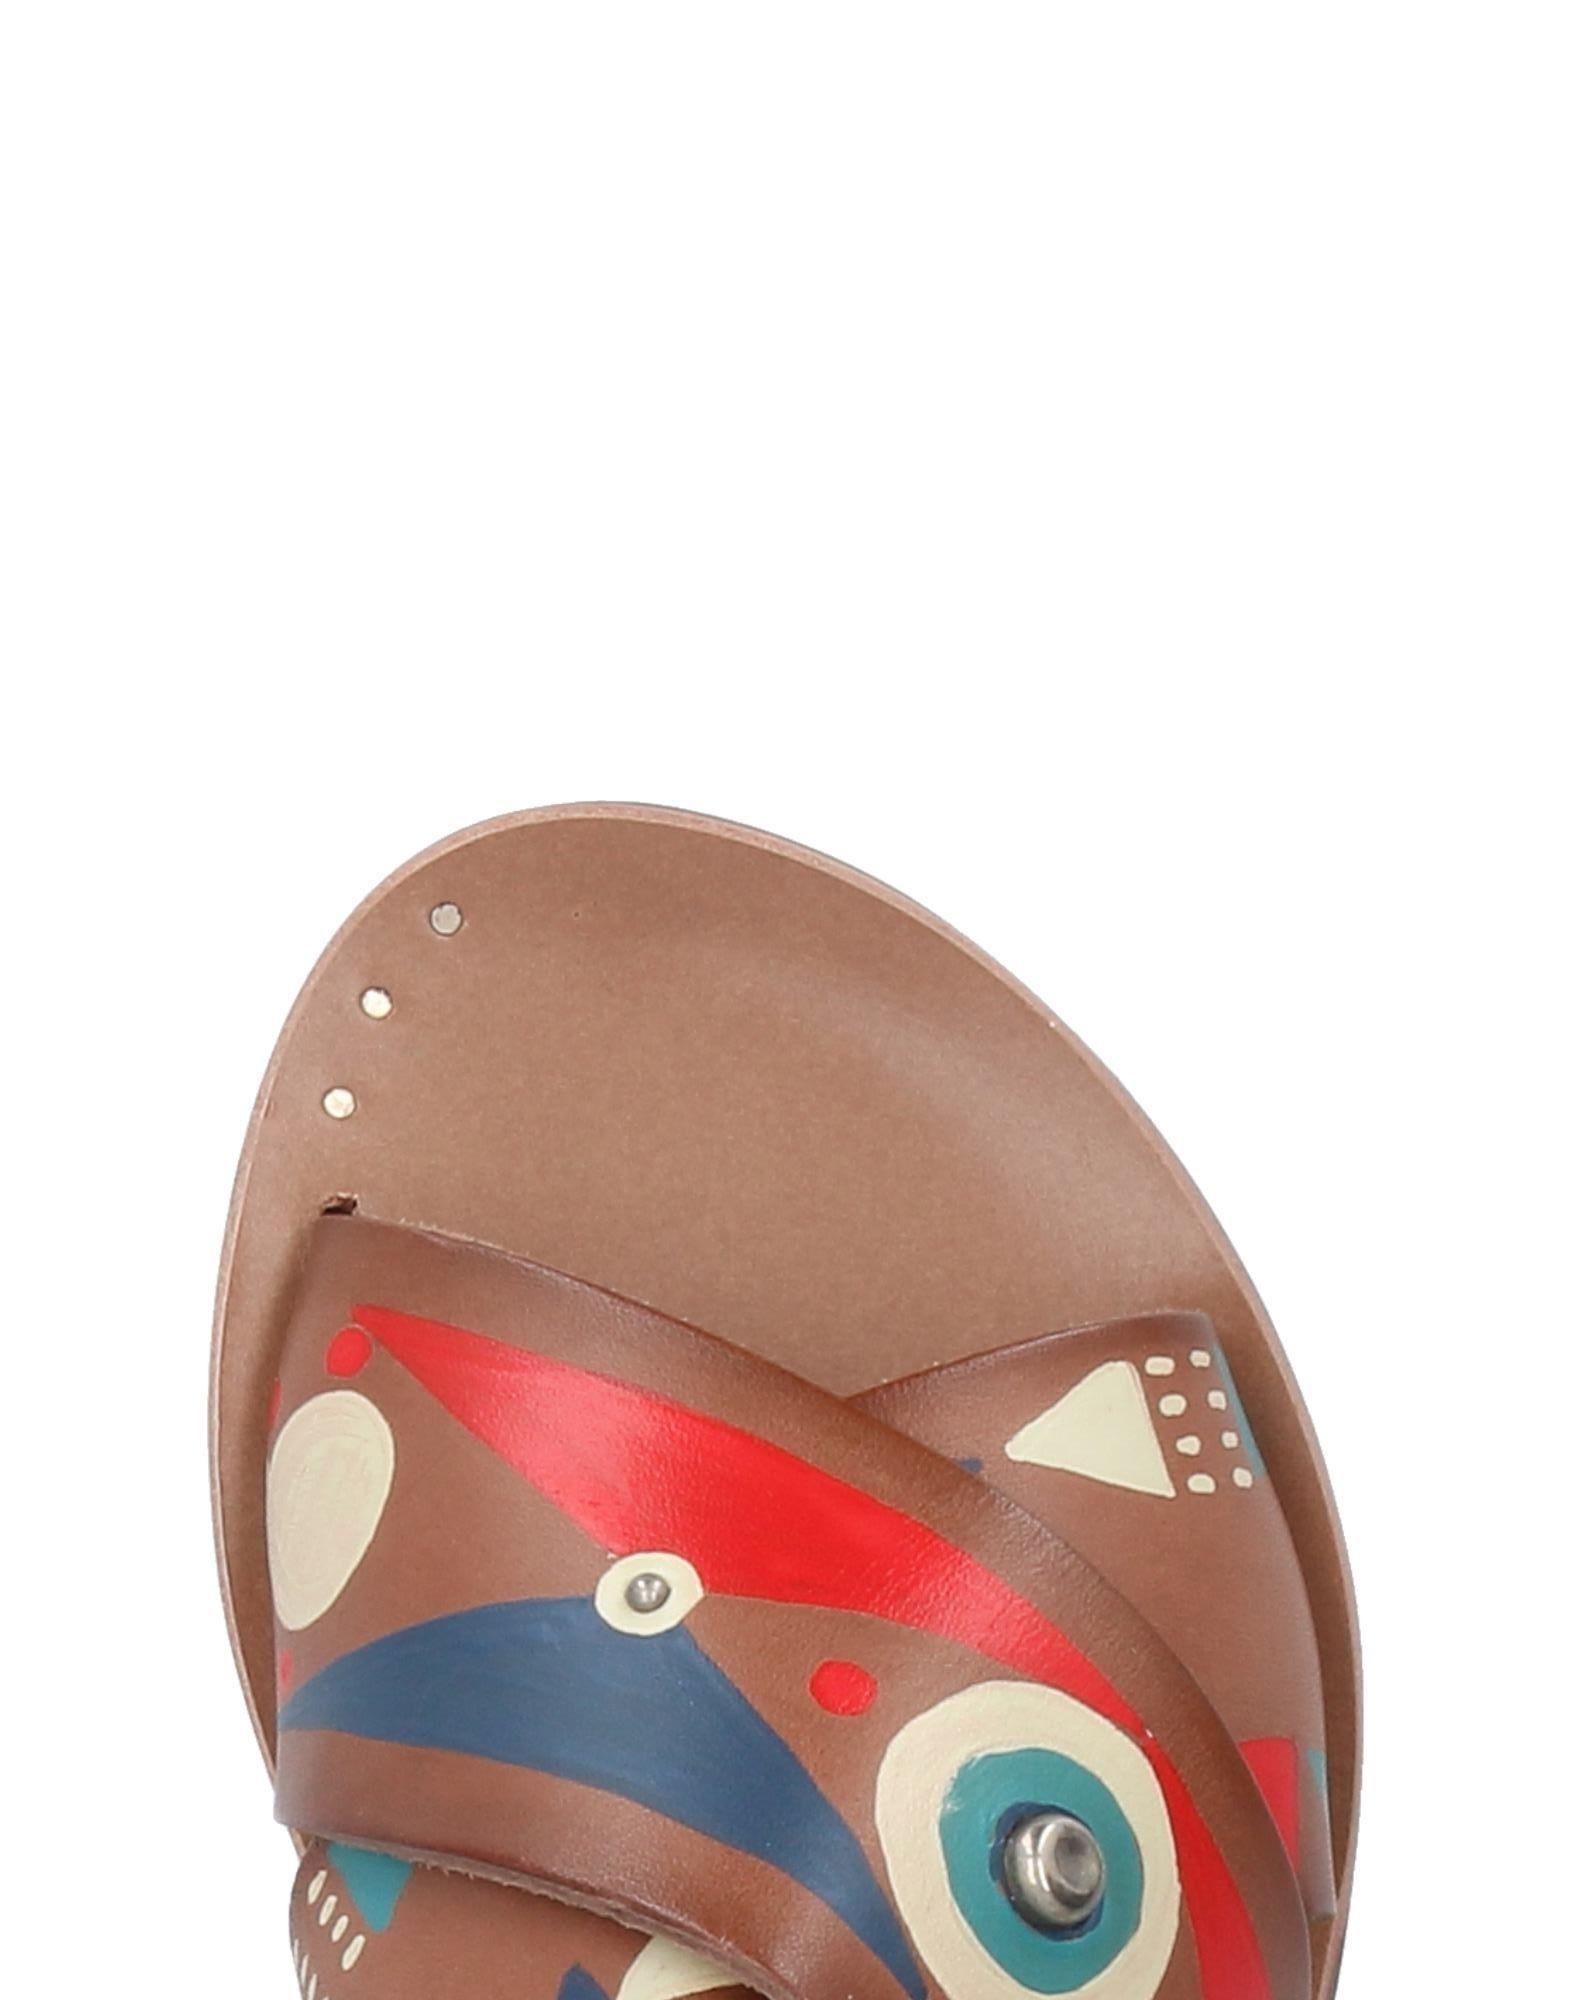 Htc Sandalen beliebte Damen  11381143VS Gute Qualität beliebte Sandalen Schuhe 4aab9b